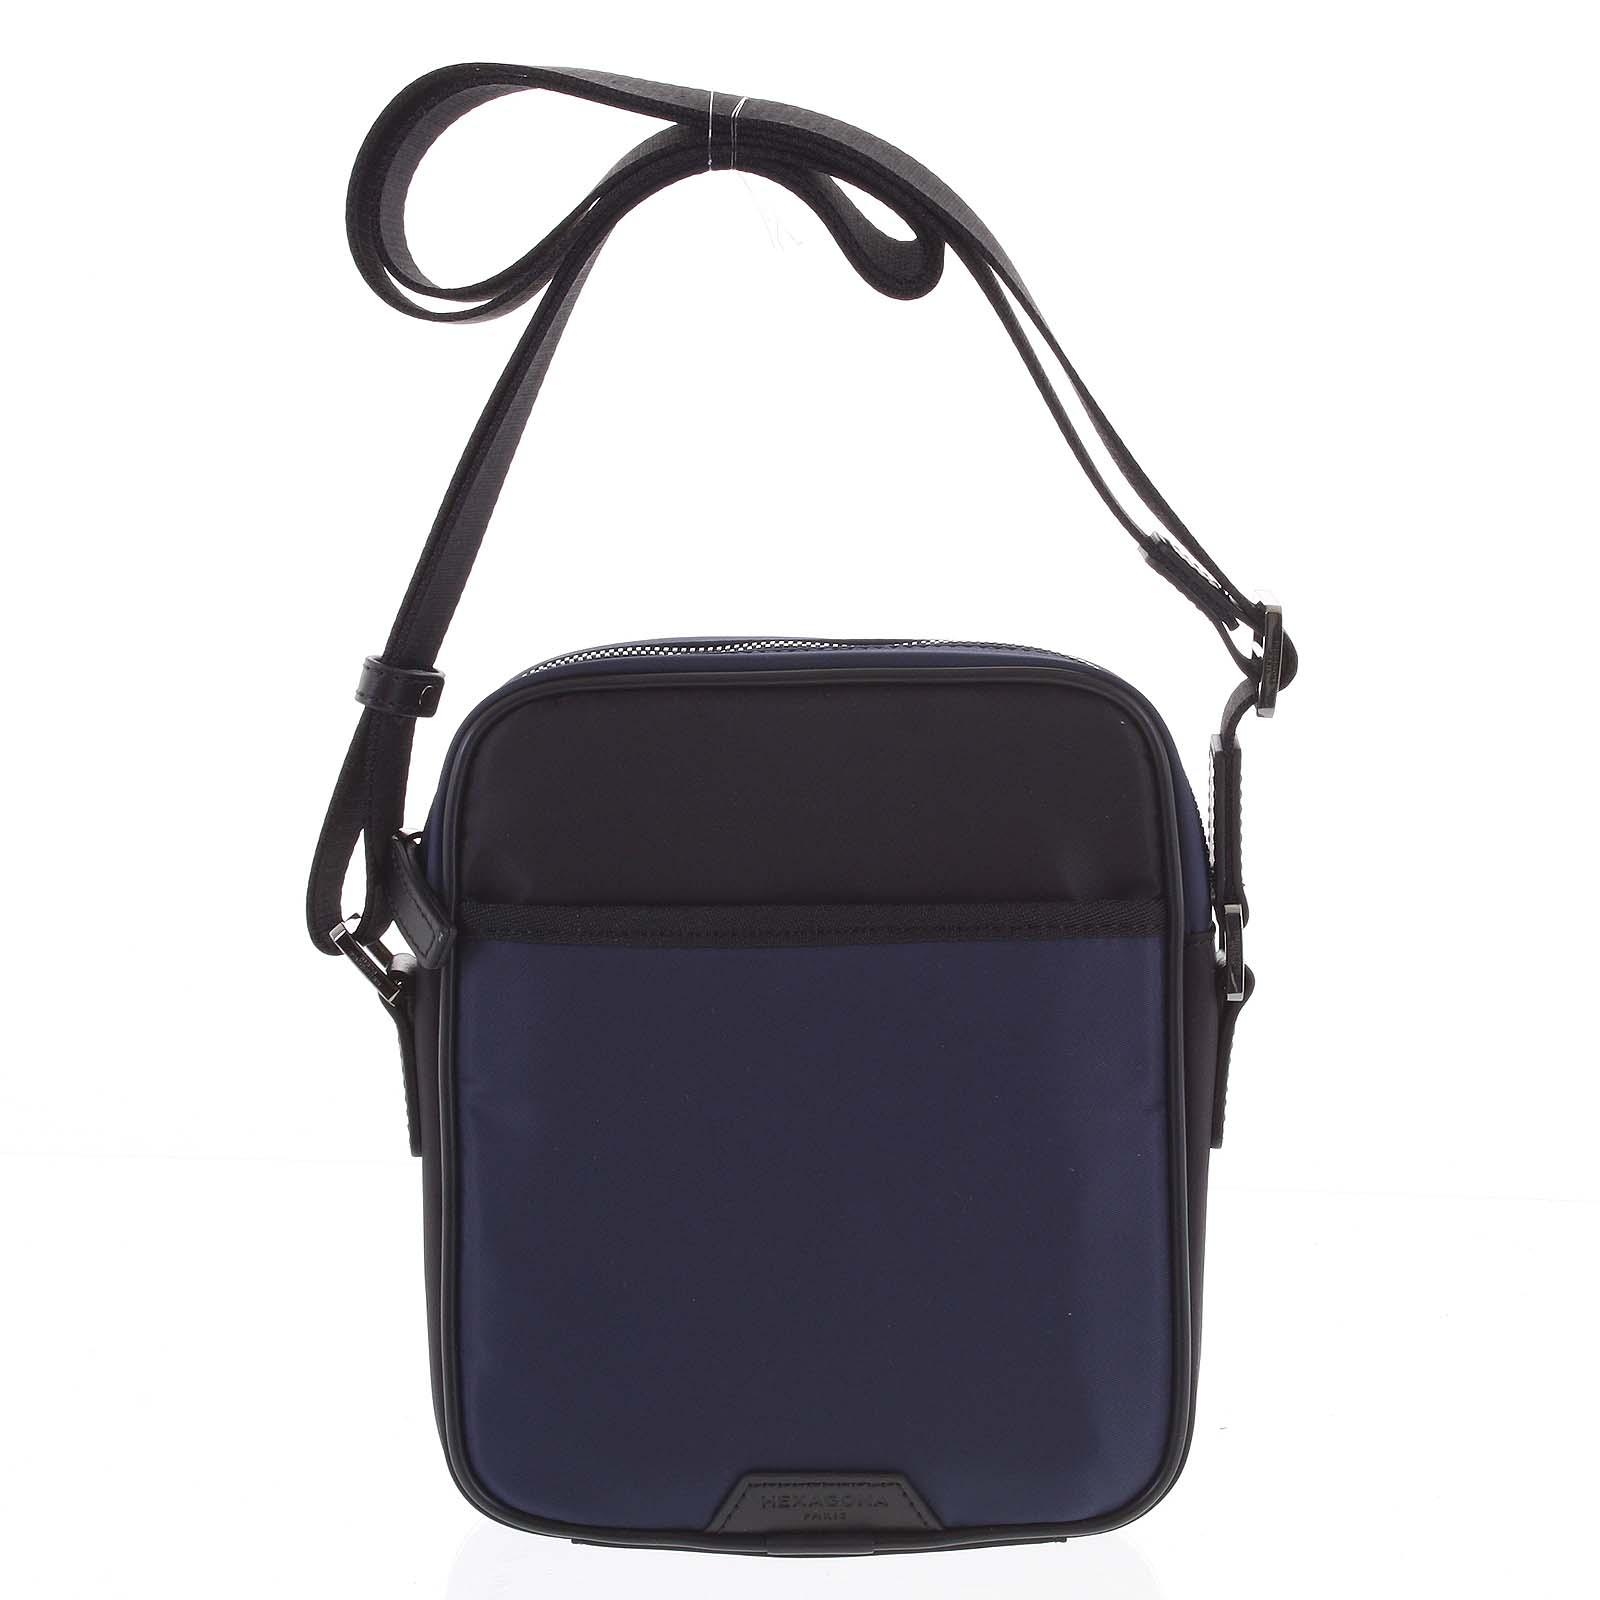 Pánská crossbody taška modro černá - Hexagona Aquino